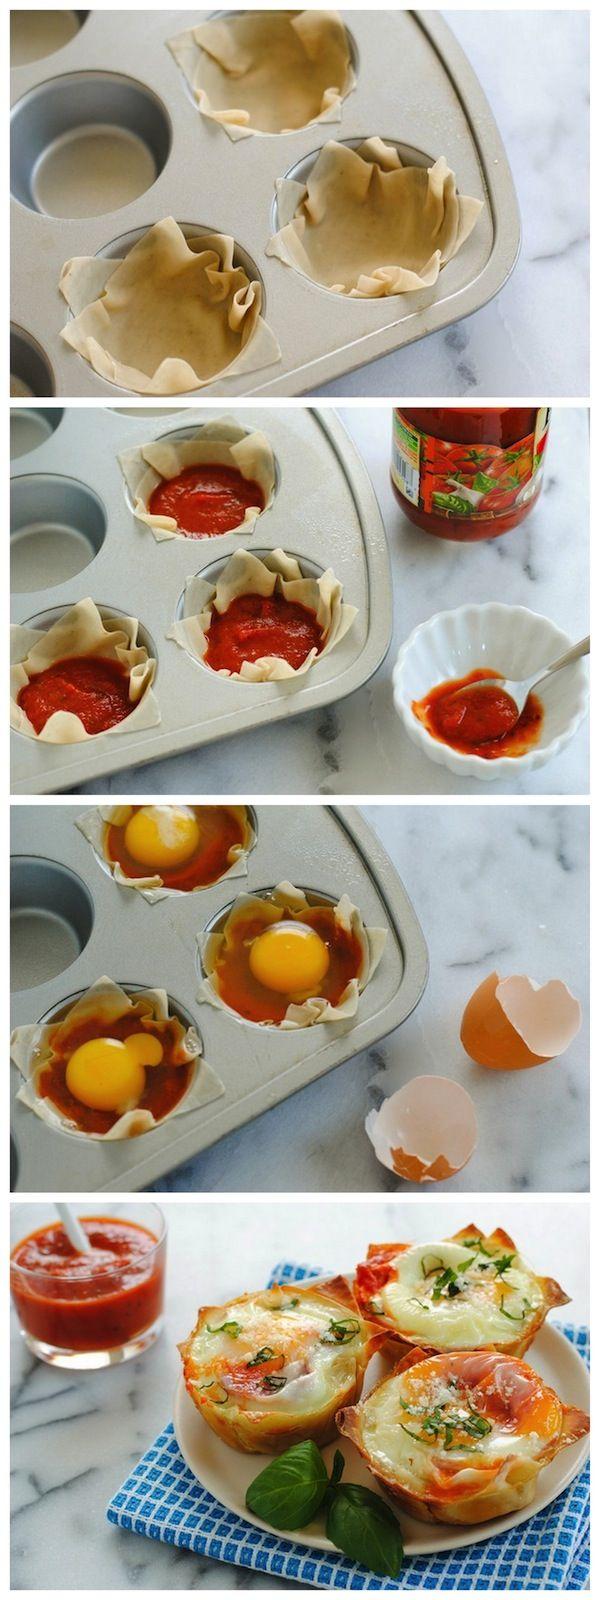 Huevo italiano Wonton Copas - Una deliciosa manera linda, para servir los huevos a una multitud en el almuerzo!  Tazas wonton crujiente rellenos con salsa marinara y huevos, cubierto con queso parmesano y albahaca.  | Foxeslovelemons.com